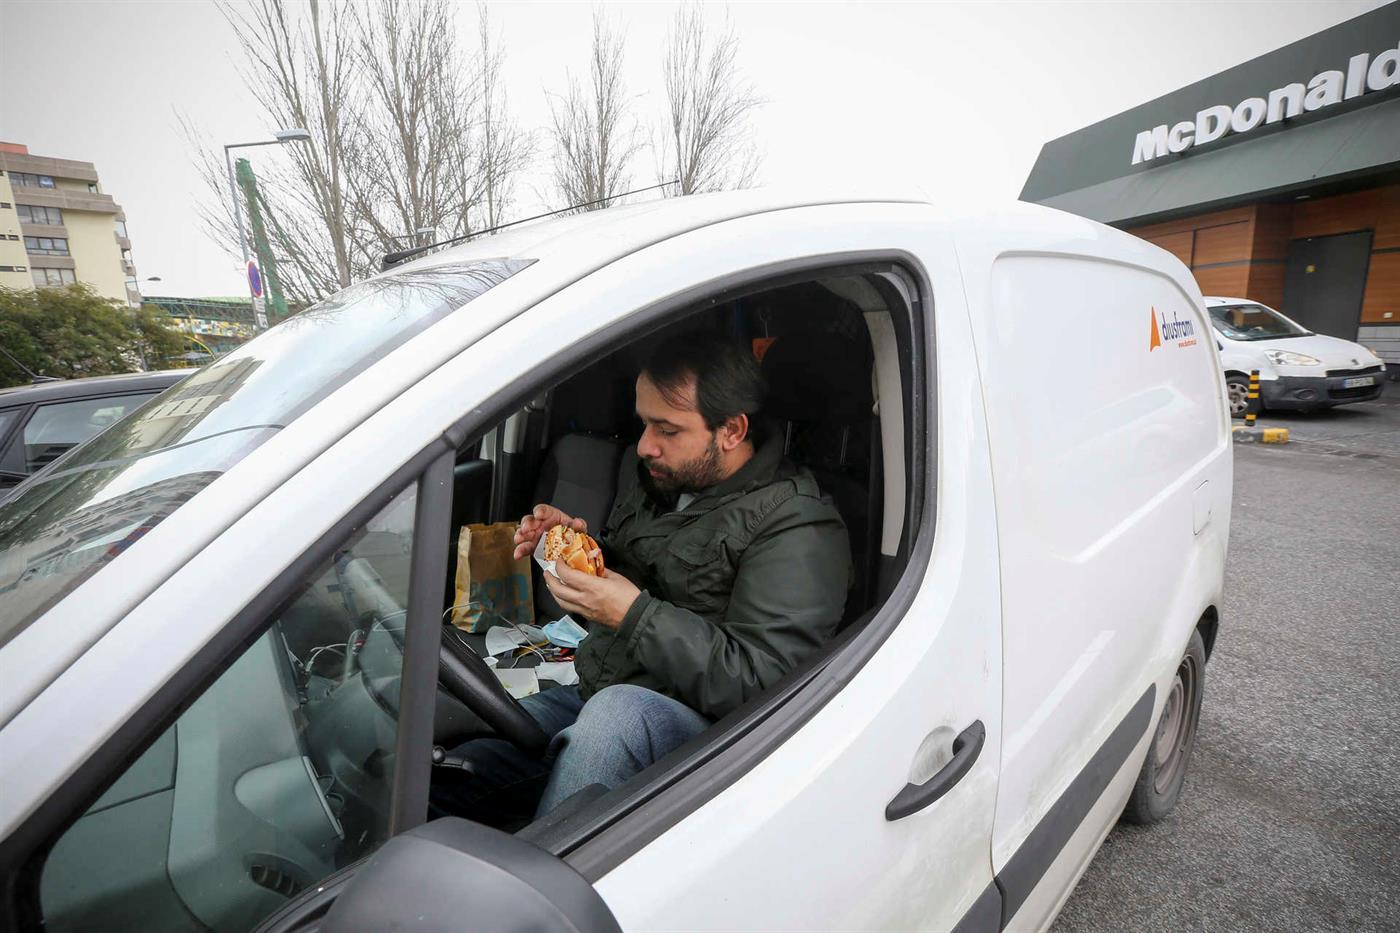 Lisboa - 18/02/2021.  Informe dónde almorzo con quienes trabajan fuera de casa, durante un período de pandemia de COVID-19